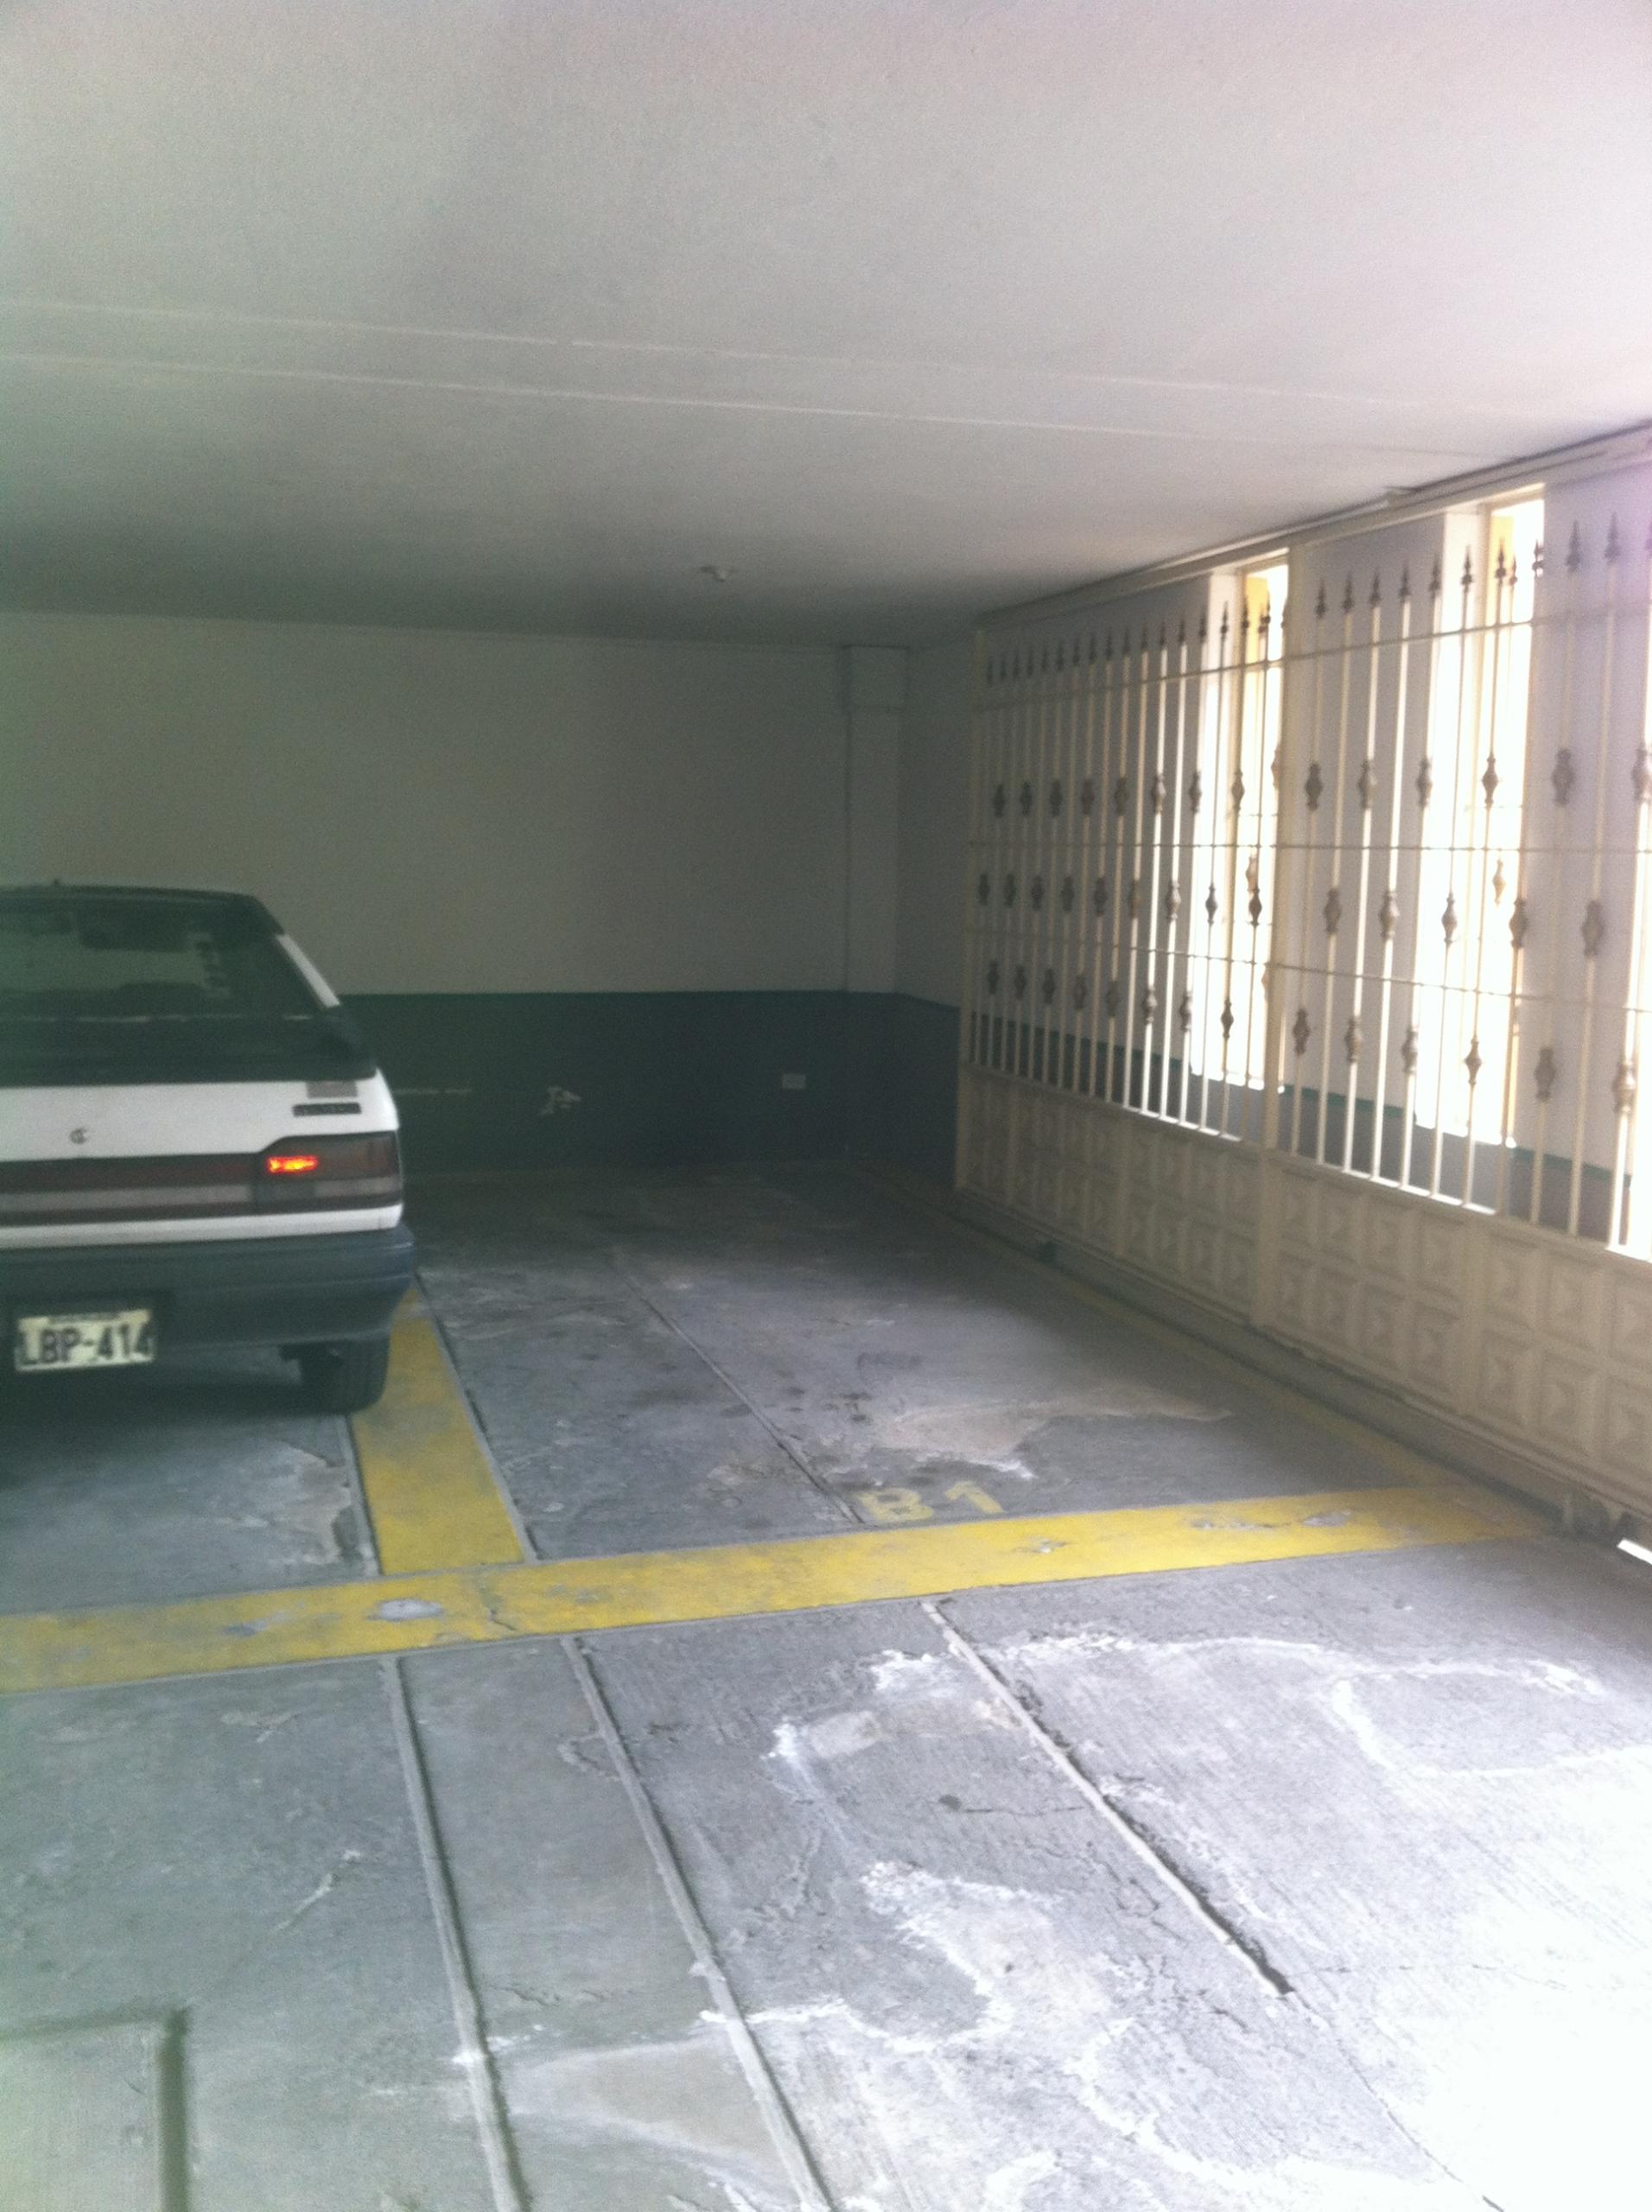 Estacionamiento 1 scaled